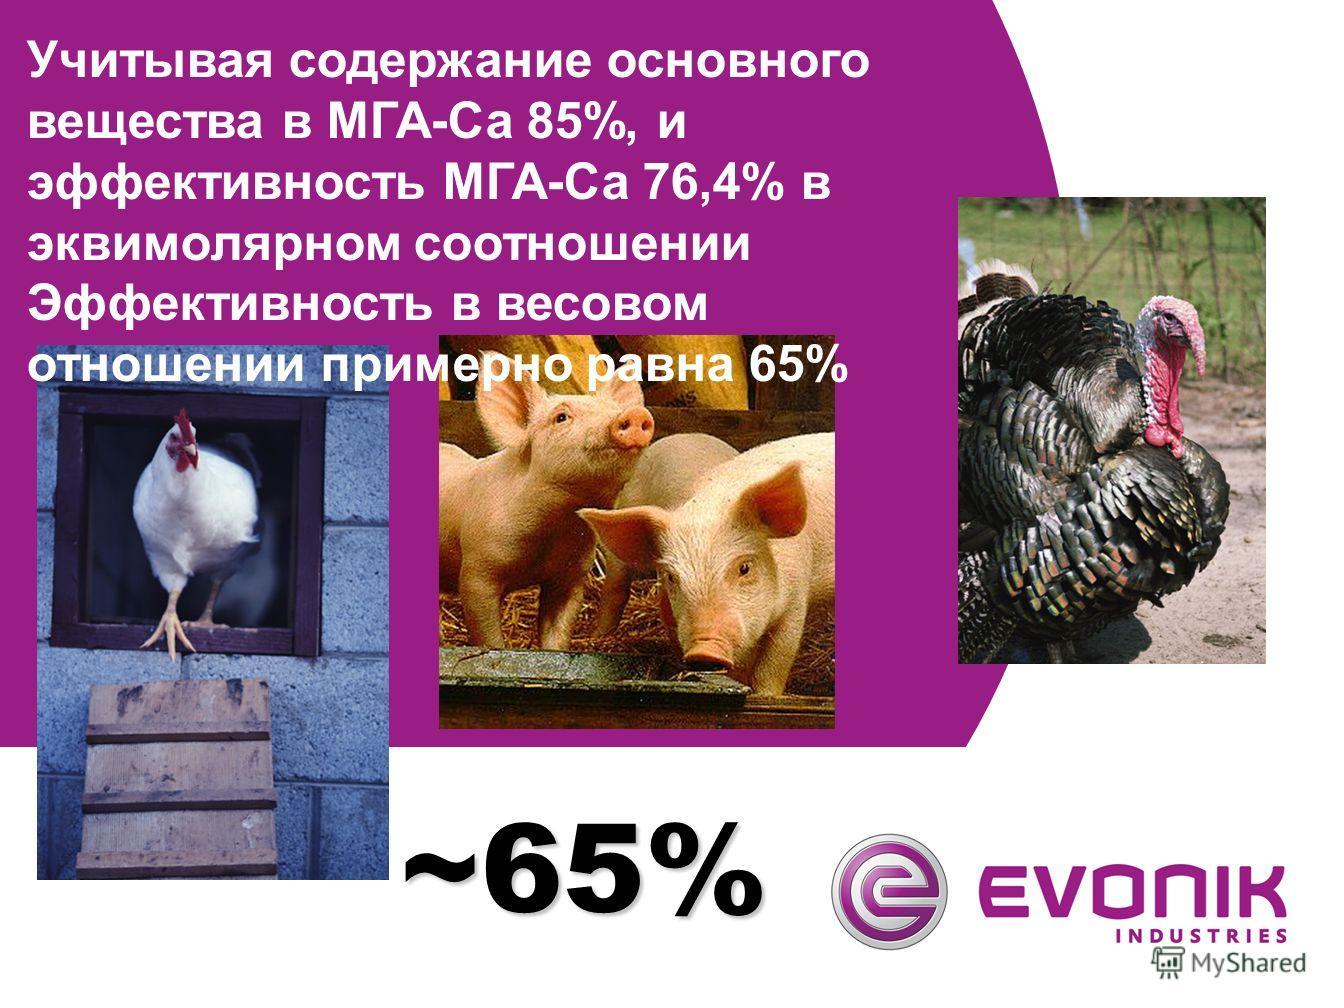 ~65% Учитывая содержание основного вещества в МГА-Са 85%, и эффективность МГА-Са 76,4% в эквимолярном соотношении Эффективность в весовом отношении примерно равна 65%